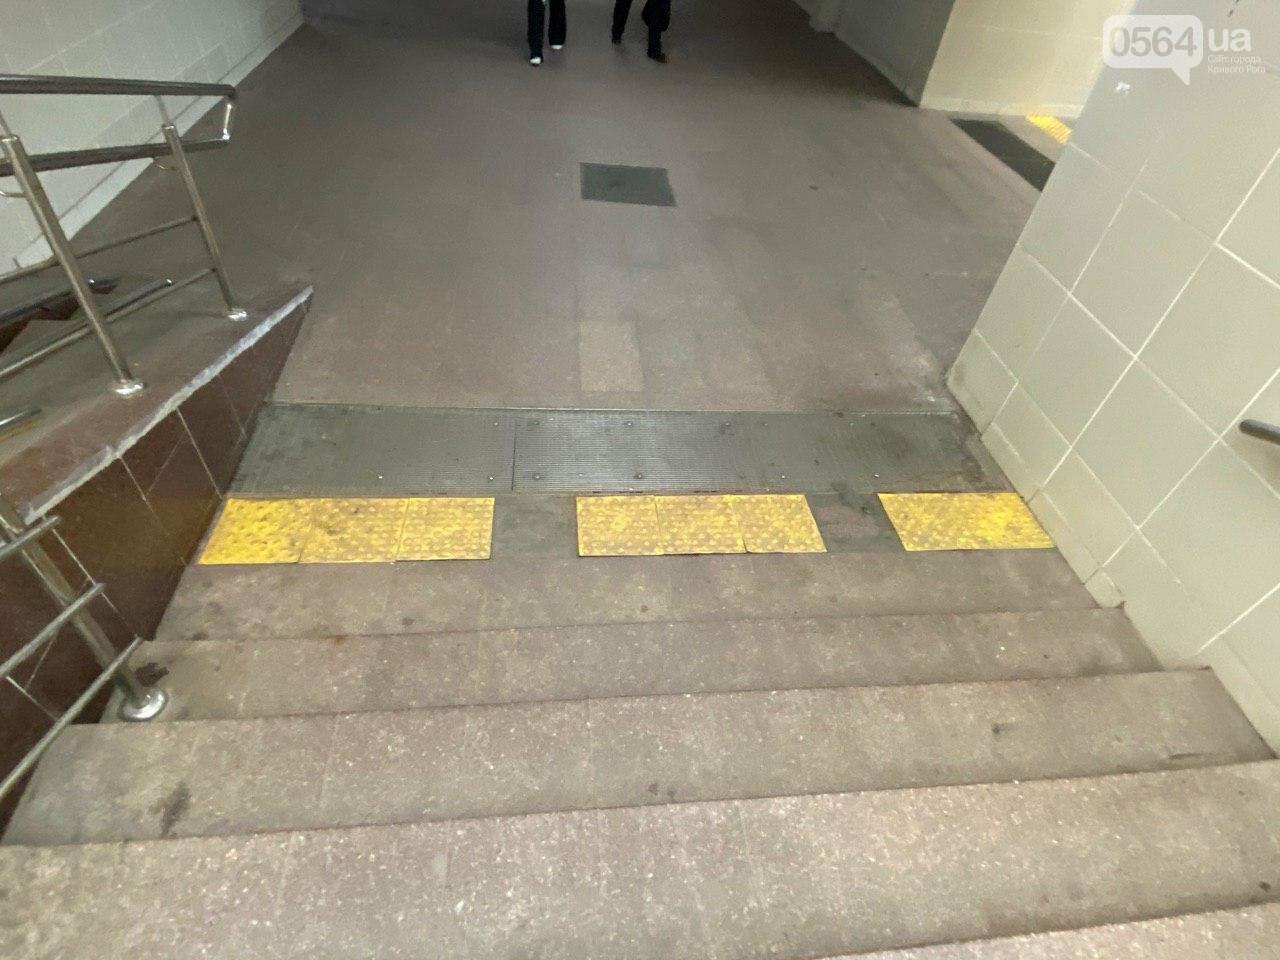 В Кривом Роге отклеилась тактильная плитка в подземном переходе, - ФОТО , фото-7